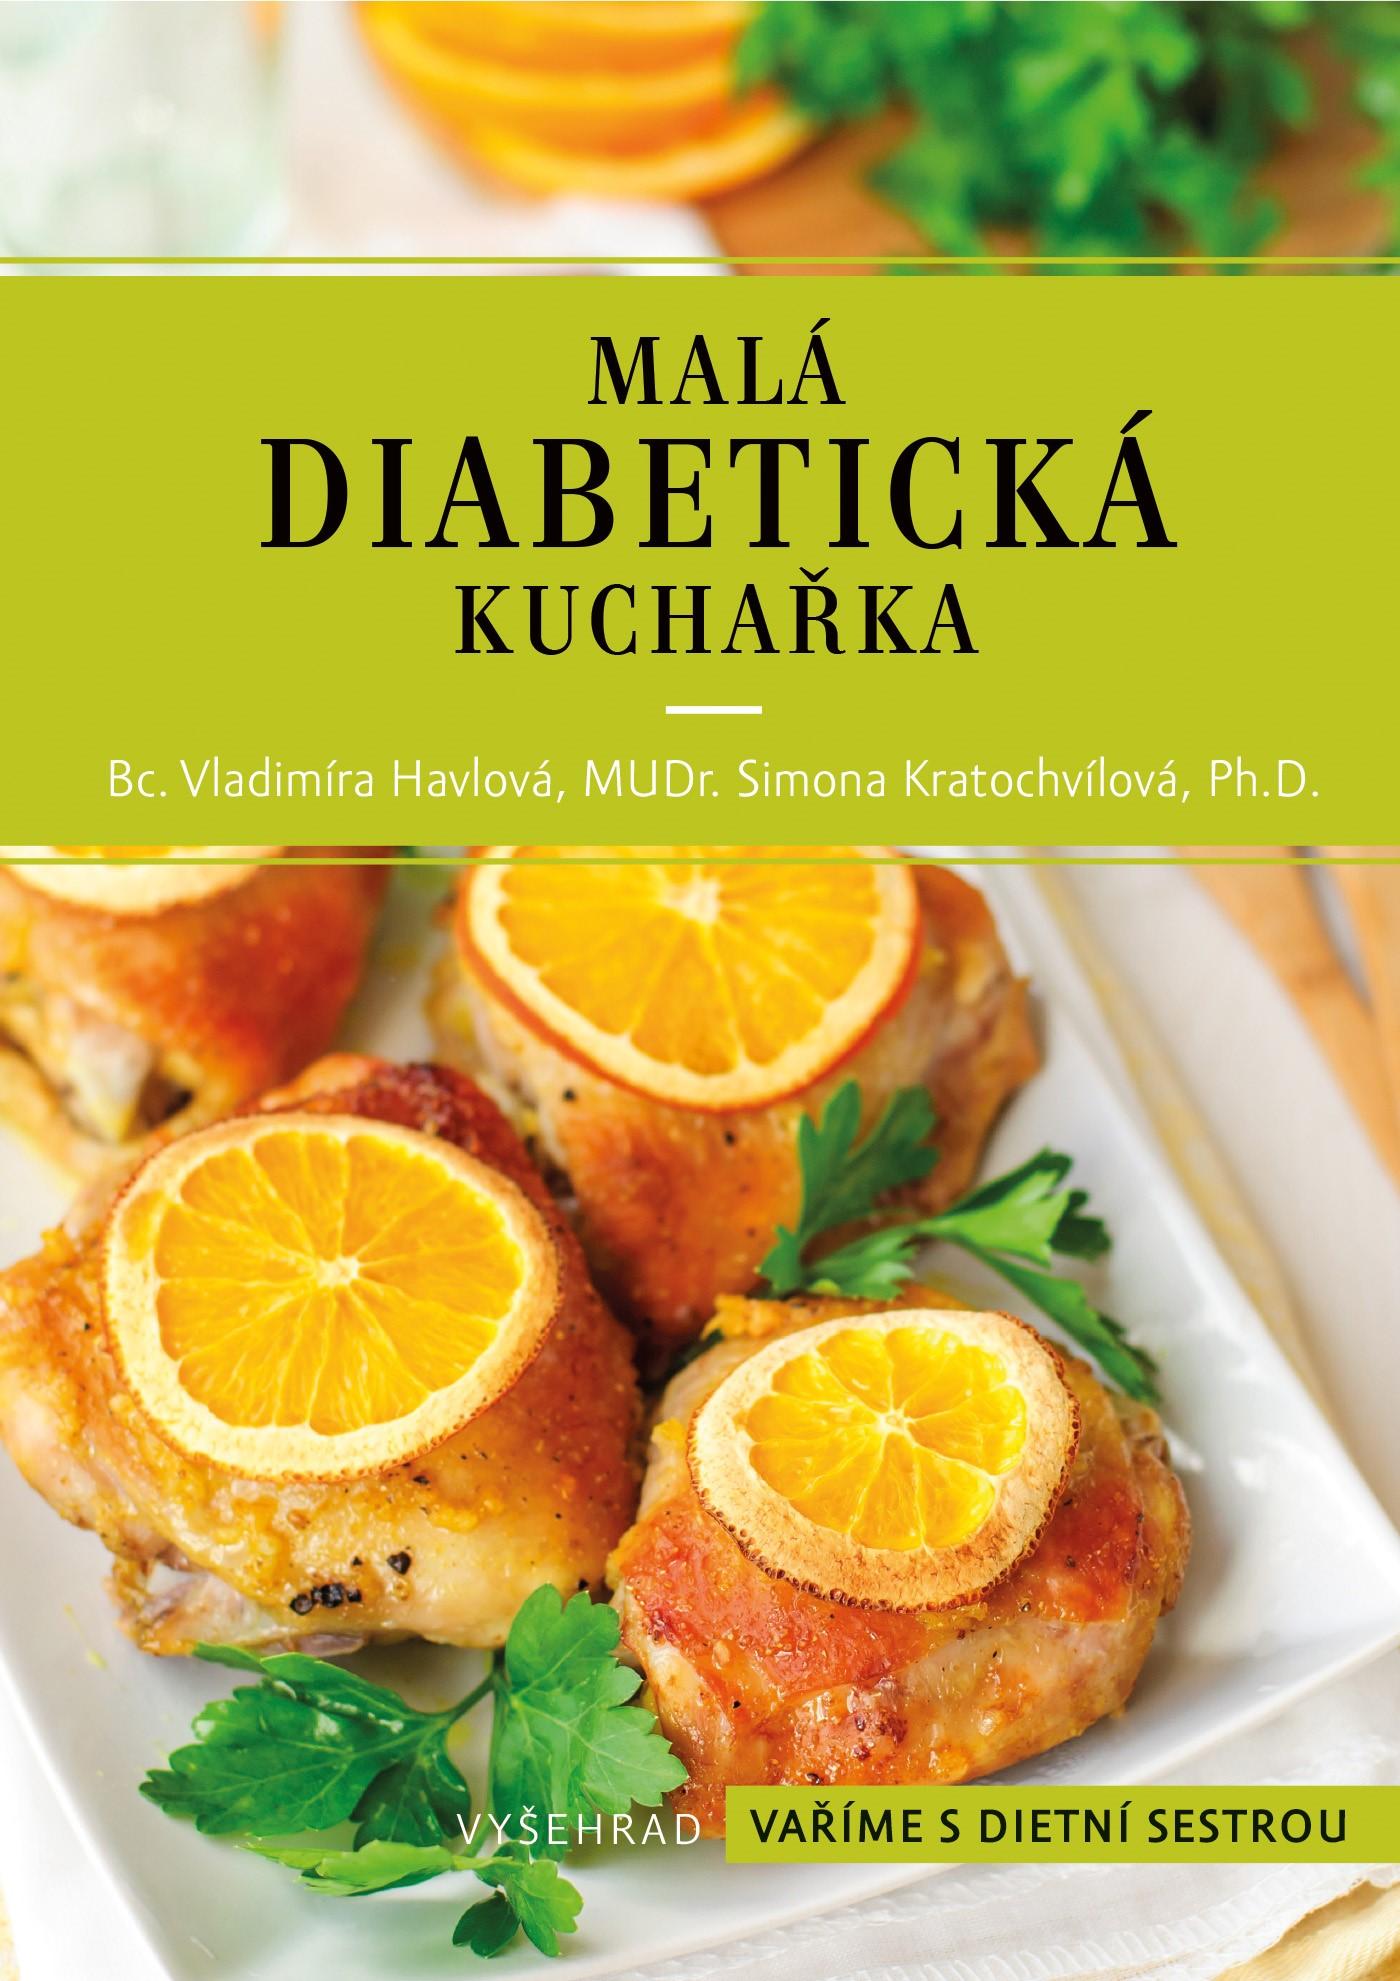 Albatros Media Malá diabetická kuchařka - Vladimíra Havlová, Simona Kratochvílová